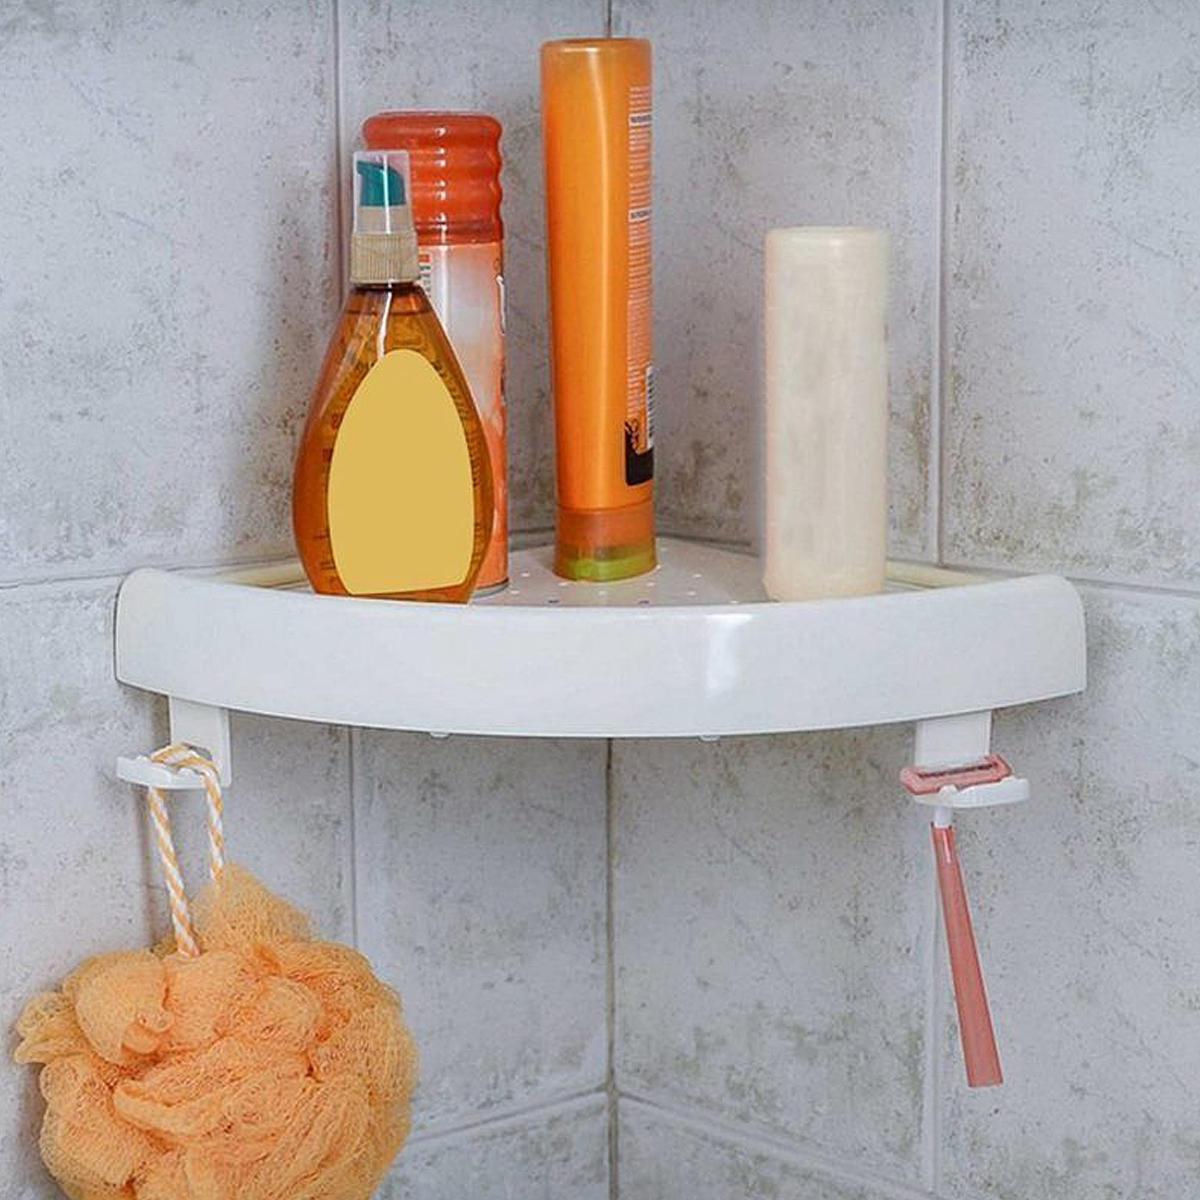 Bathroom Shower Corner Storage Paper, Corner Shelves Bathroom Shower